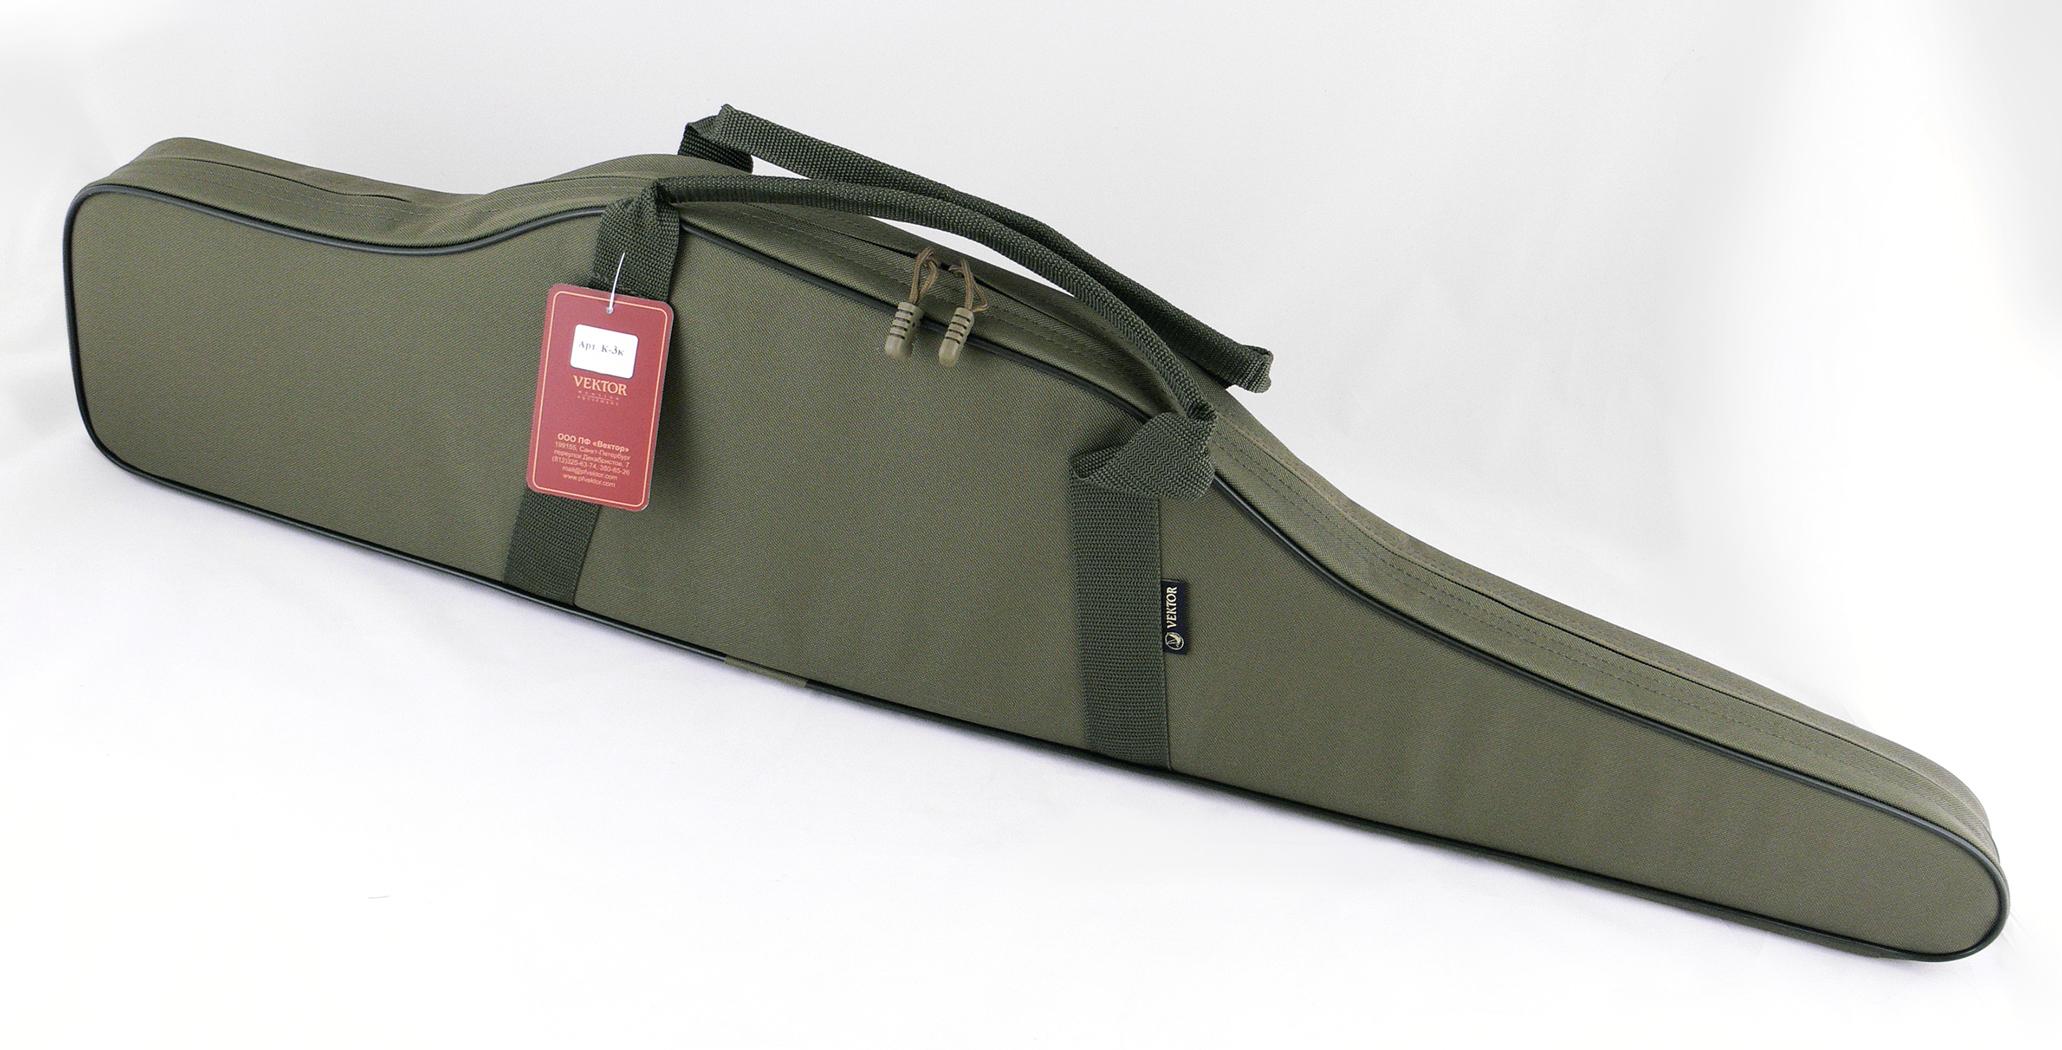 Чехол для винтовки Vektor, цвет: зеленый, с оптическим прицелом, длина 103 см чехол для винтовки vektor цвет зеленый с оптическим прицелом длина 103 см